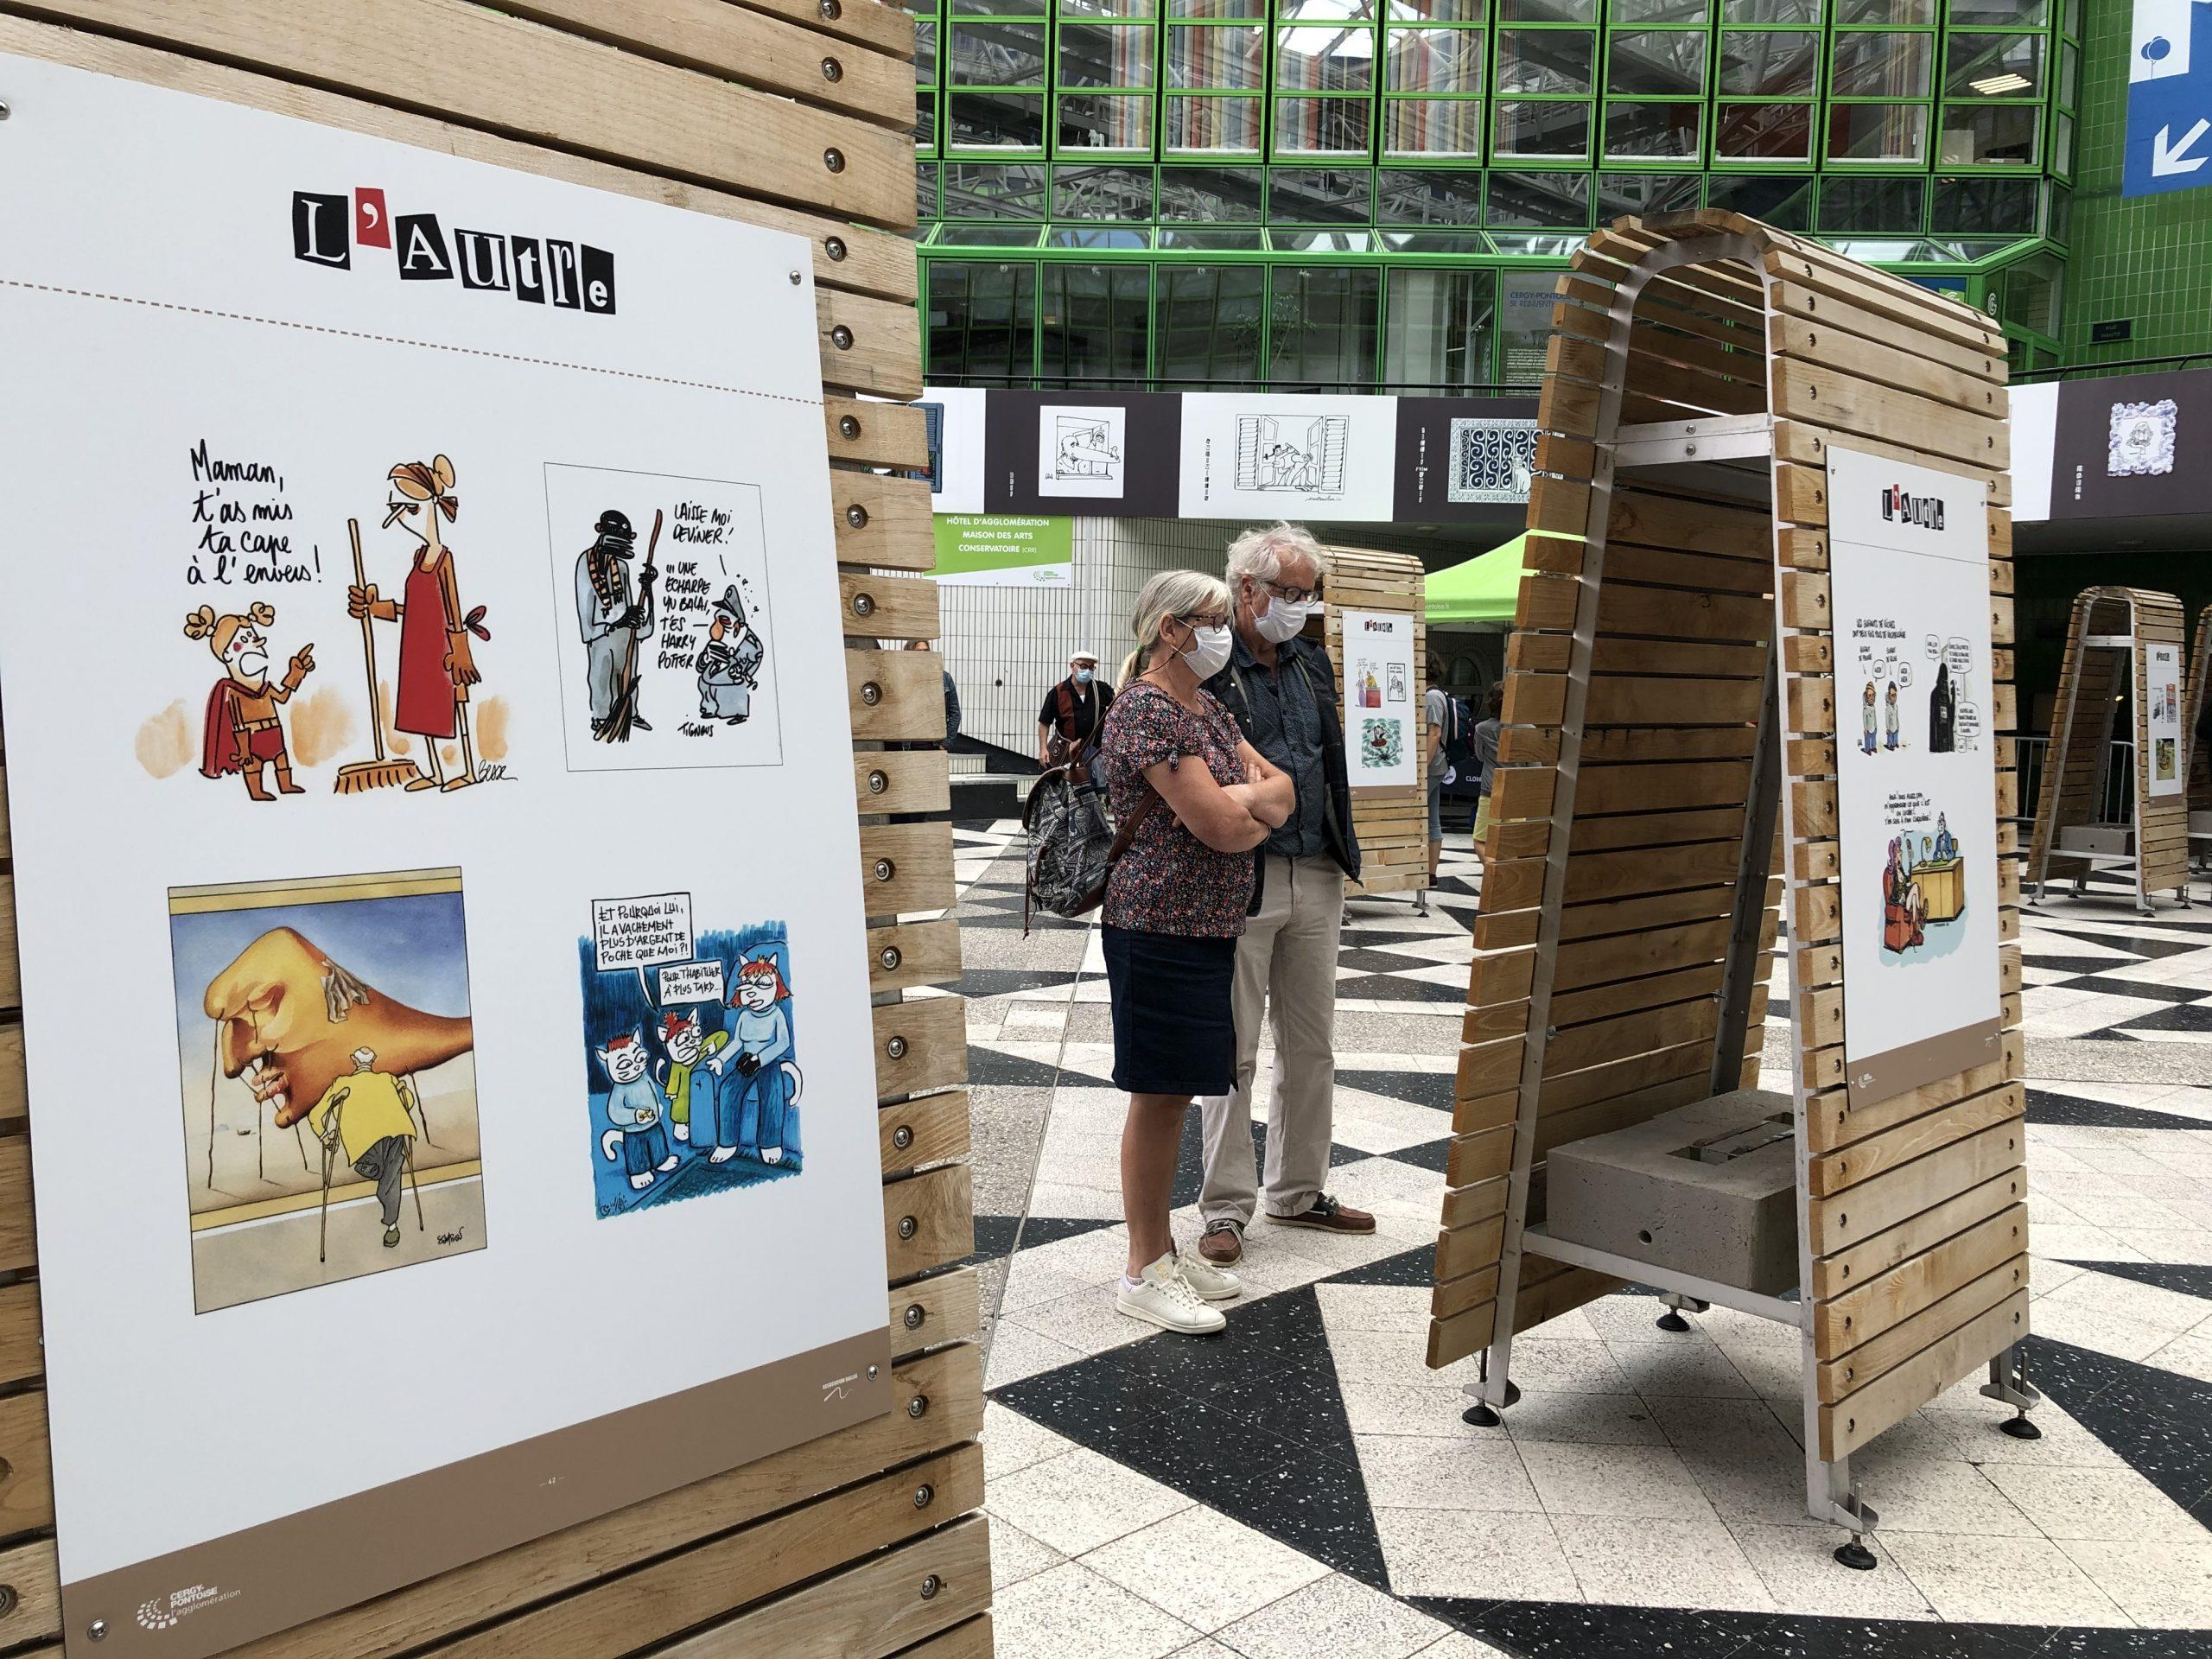 VERNISSAGE DE L'EXPOSITION DESSINS « L'AUTRE »